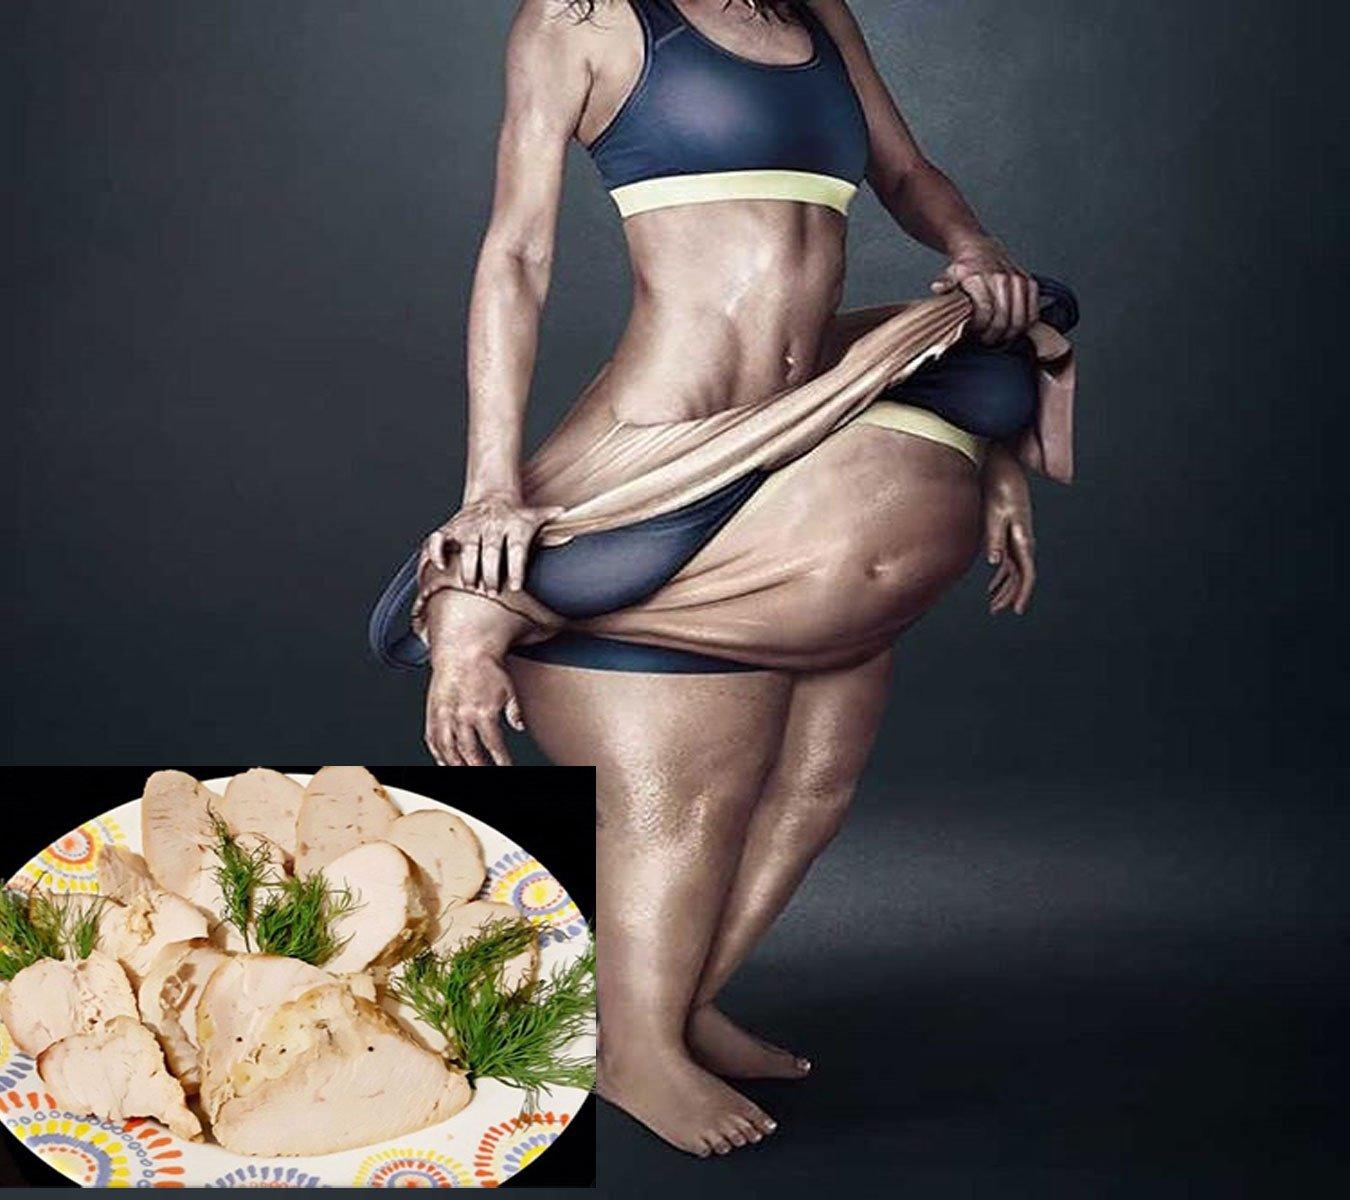 Как Сжечь Висцеральный Жир Упражнения. Как избавиться от висцерального жира на животе мужчине и женщине. Упражнения и другие способы